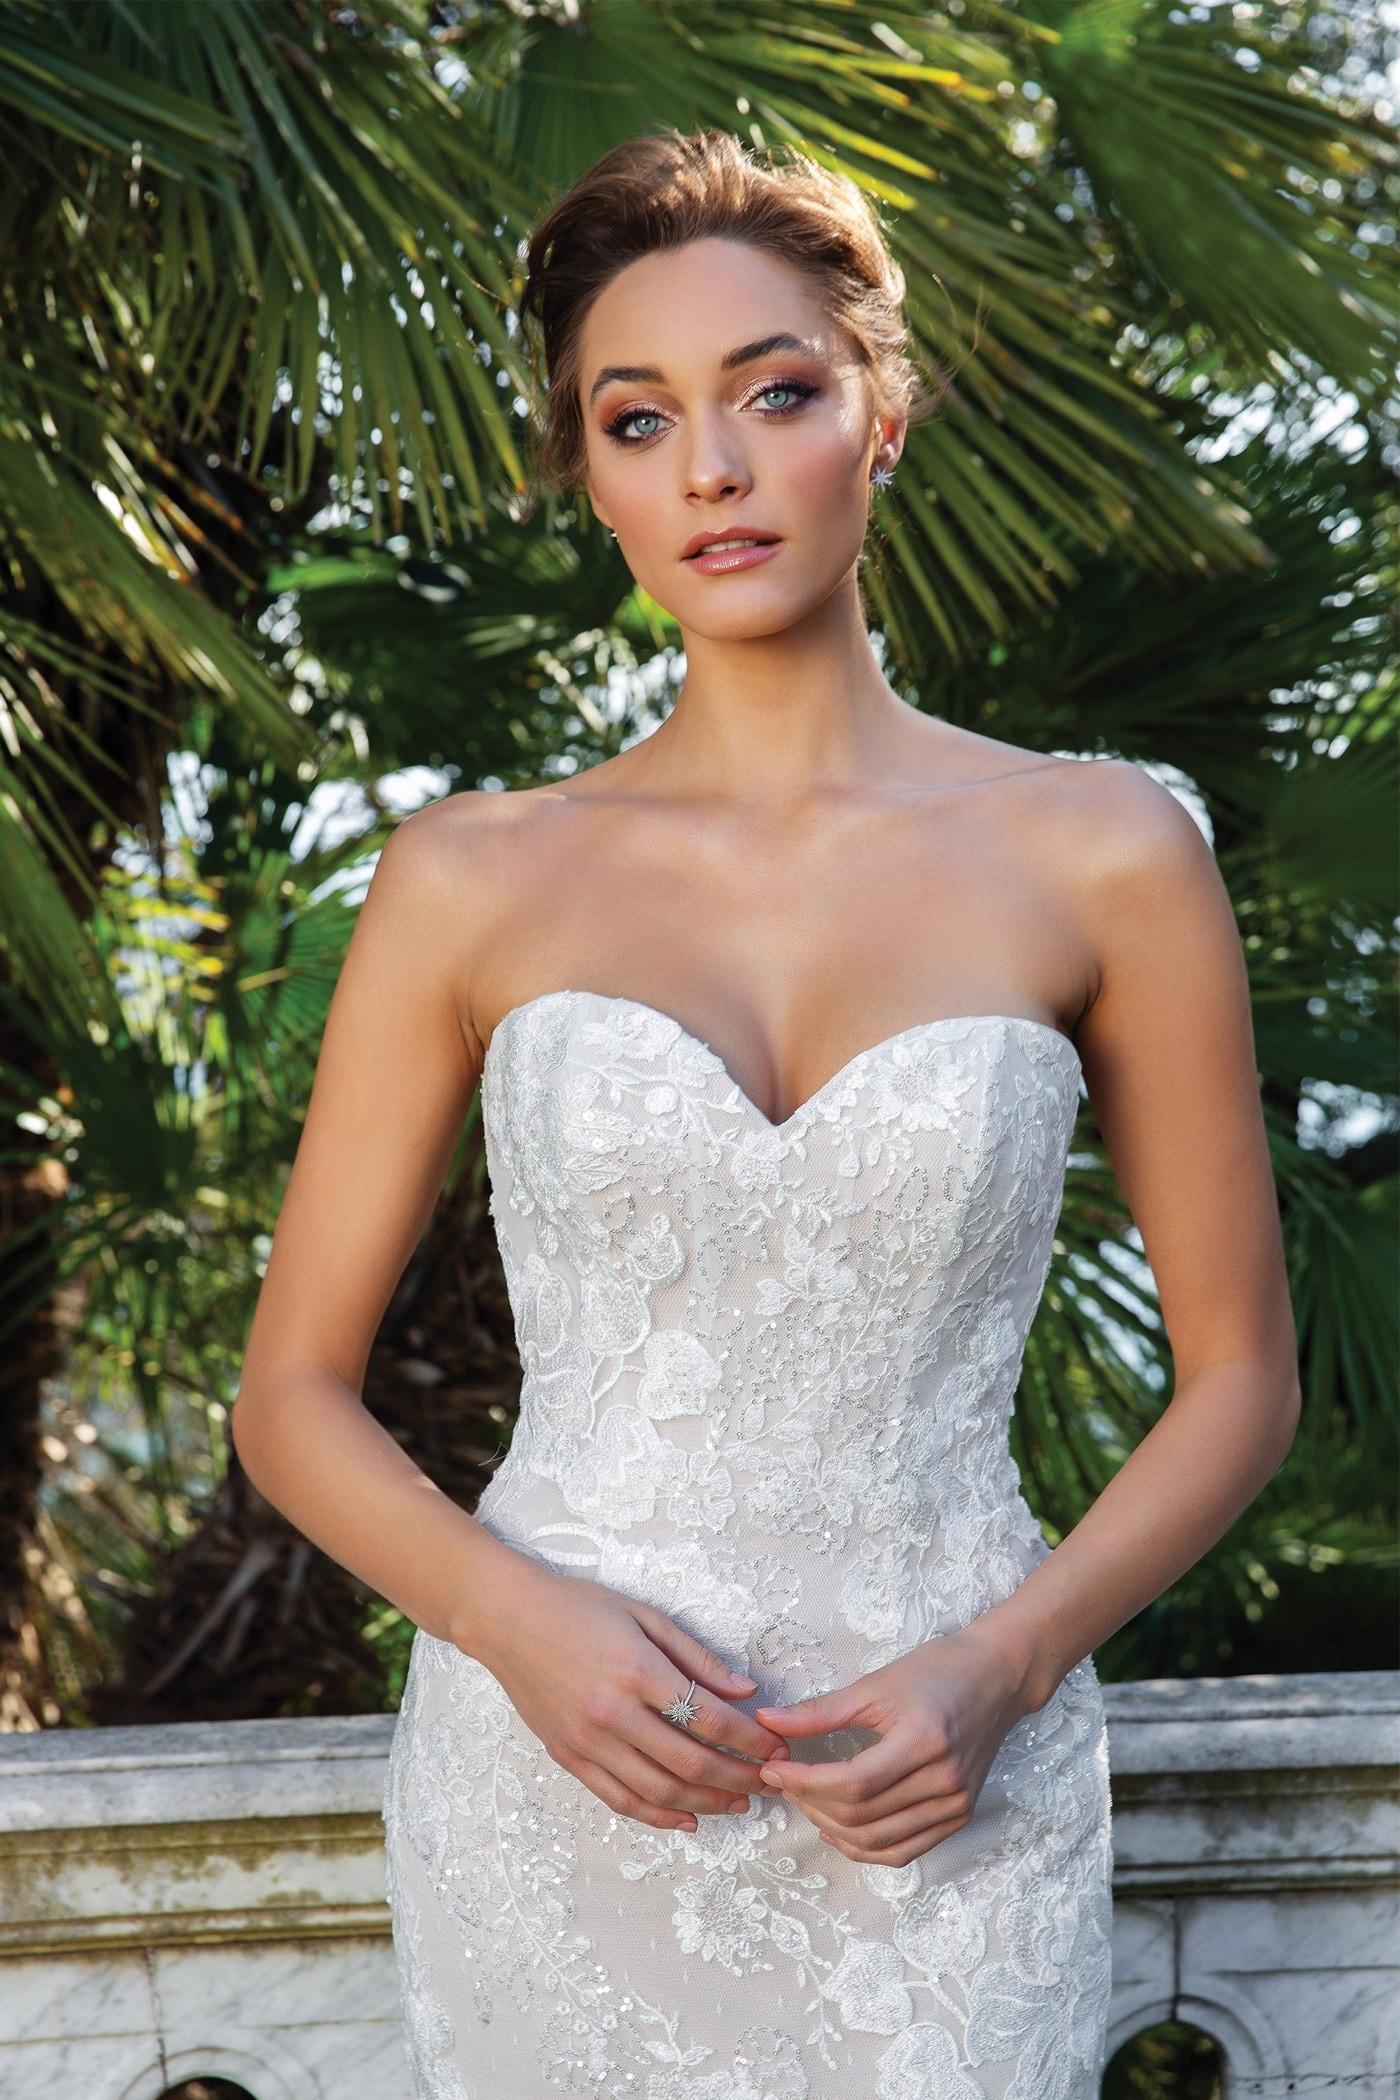 Schulterfreies Fit-and-Flare-Brautkleid mit 3D-Spitze und Sweetheart-Ausschnitt, mit Offshoulder-Trägern oder trägerlos, von Justin Alexander, Modell 88123